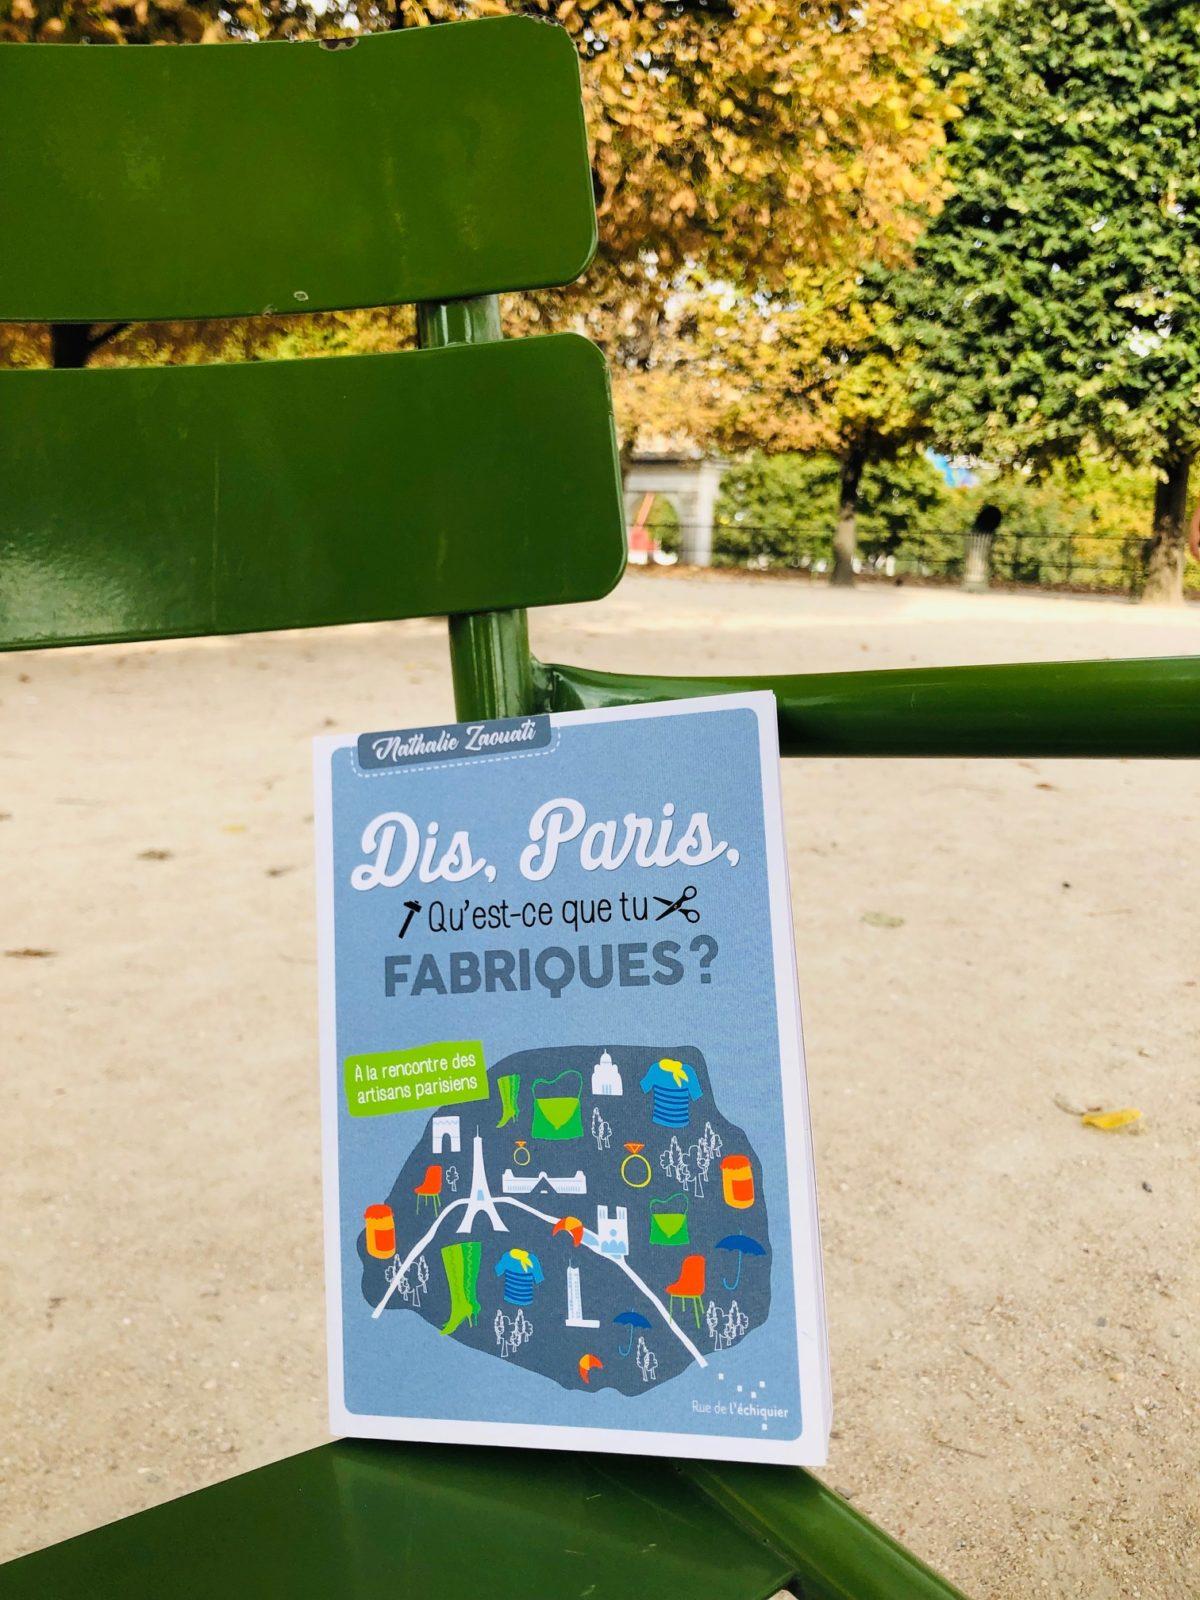 Dis Paris